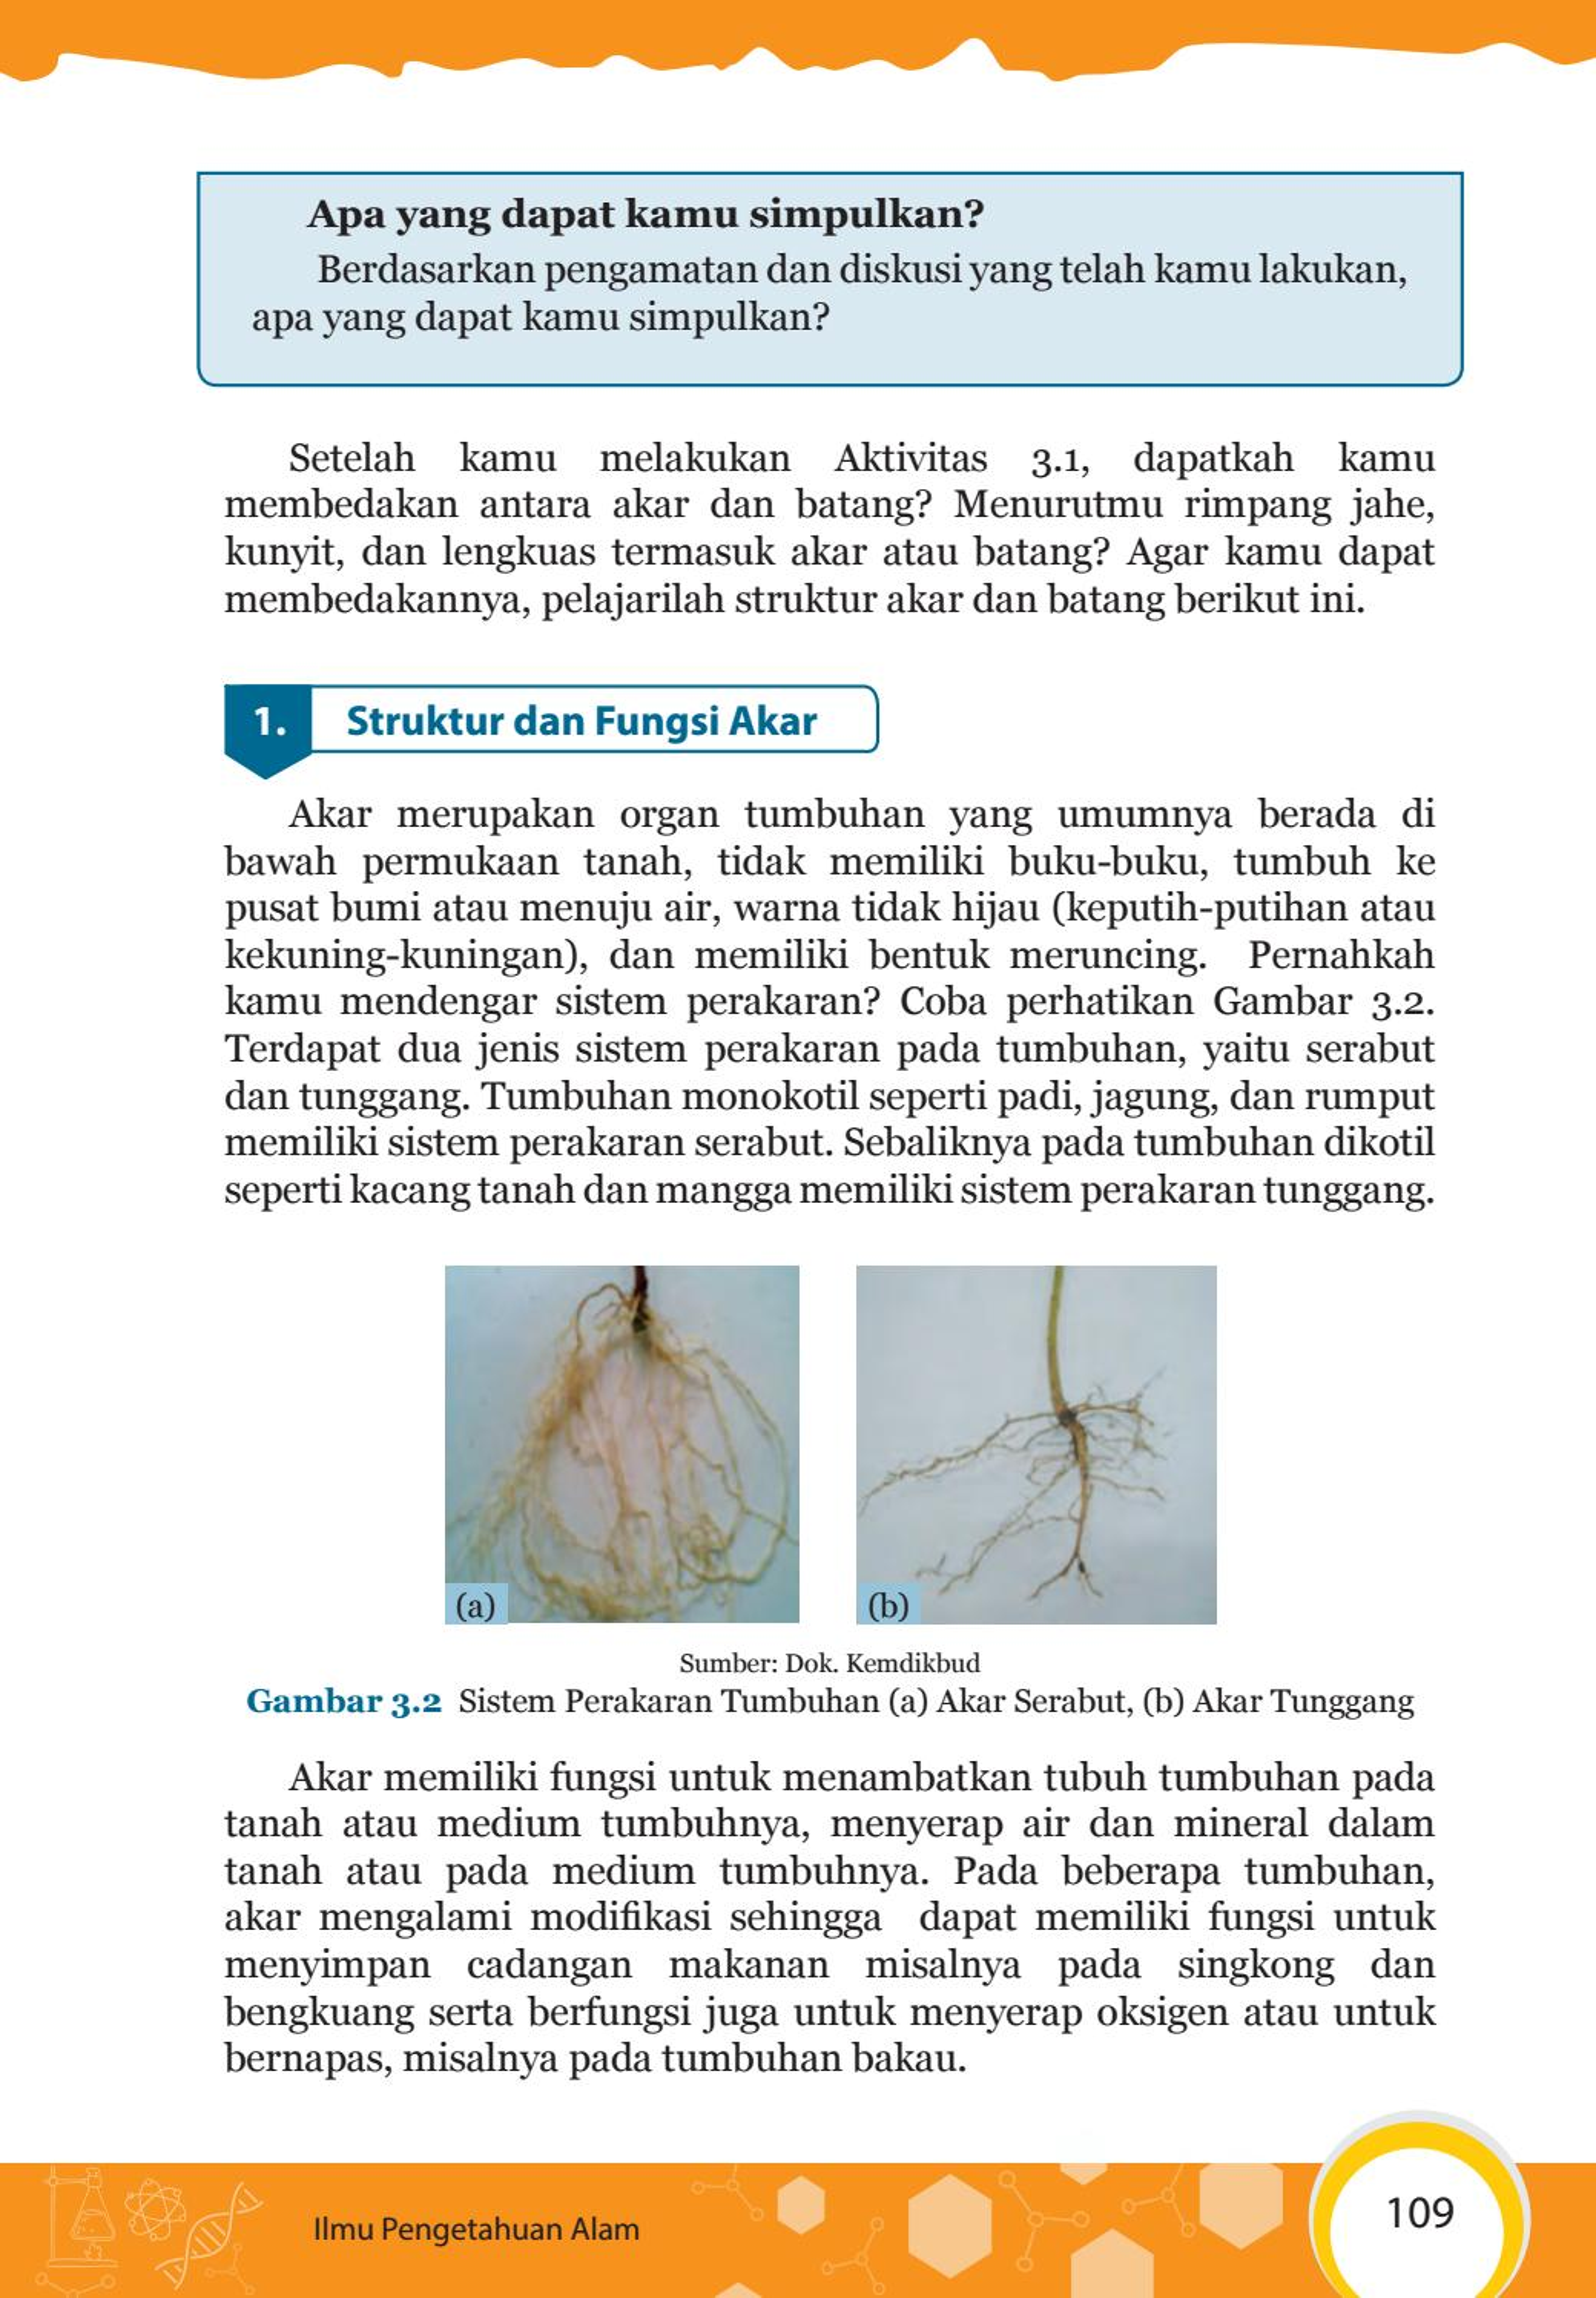 Aktivitas 3.1 Mengidentifikasi Organ Penyusun Tumbuhan Beserta Fungsinya : aktivitas, mengidentifikasi, organ, penyusun, tumbuhan, beserta, fungsinya, Mengalami, Modifikasi, Struktur, Fungsinya, Berbagai